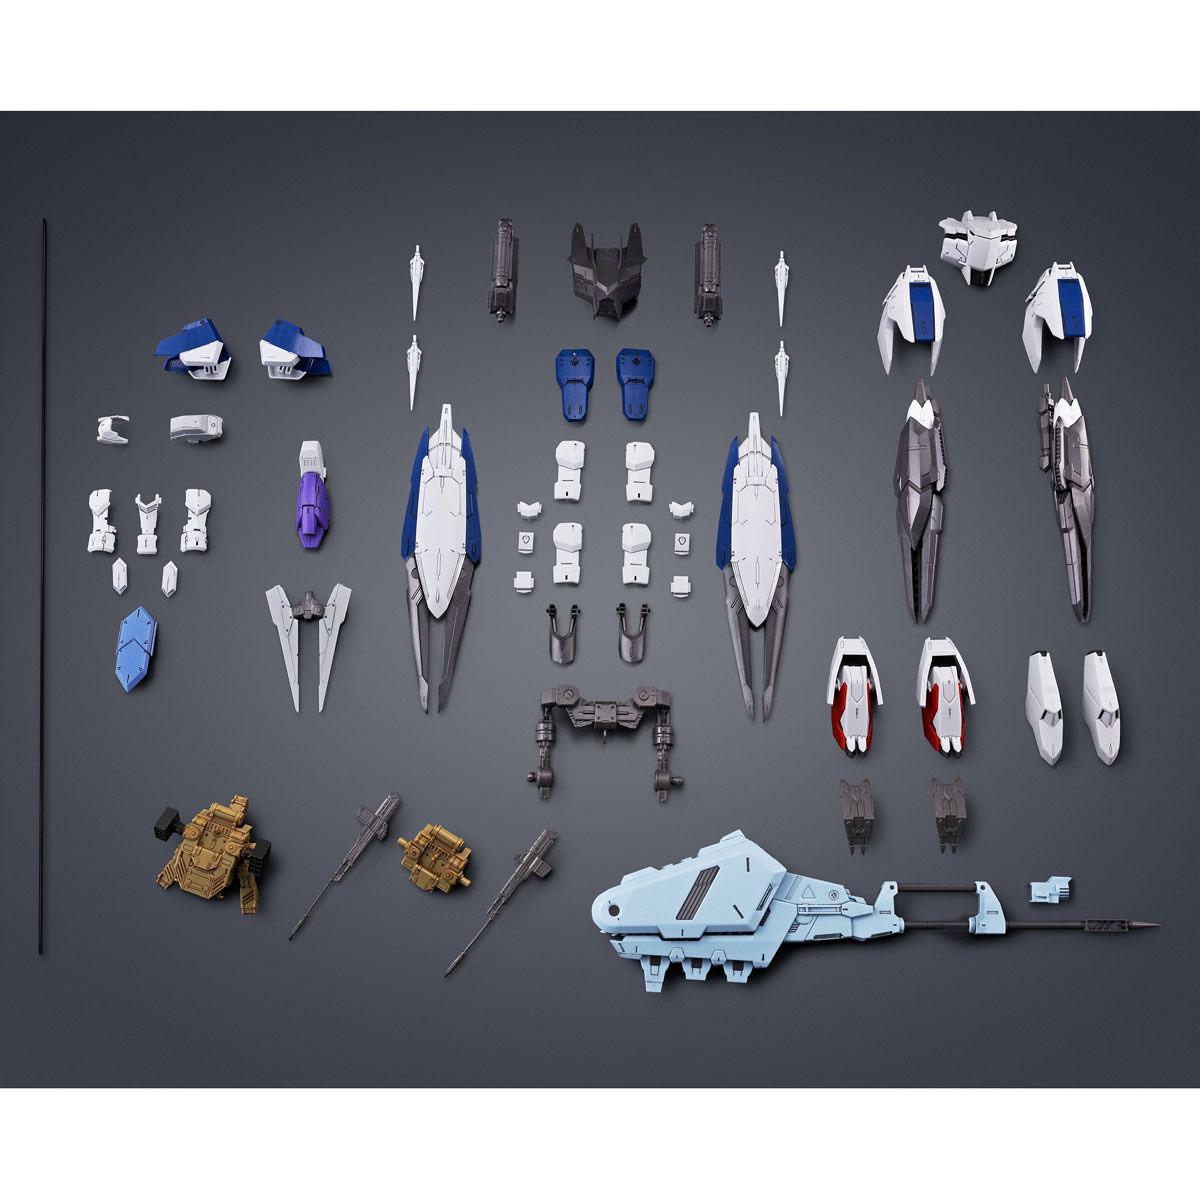 【限定販売】MG 1/100『ガンダムバルバトス用 拡張パーツセット』鉄血のオルフェンズ プラモデル-002